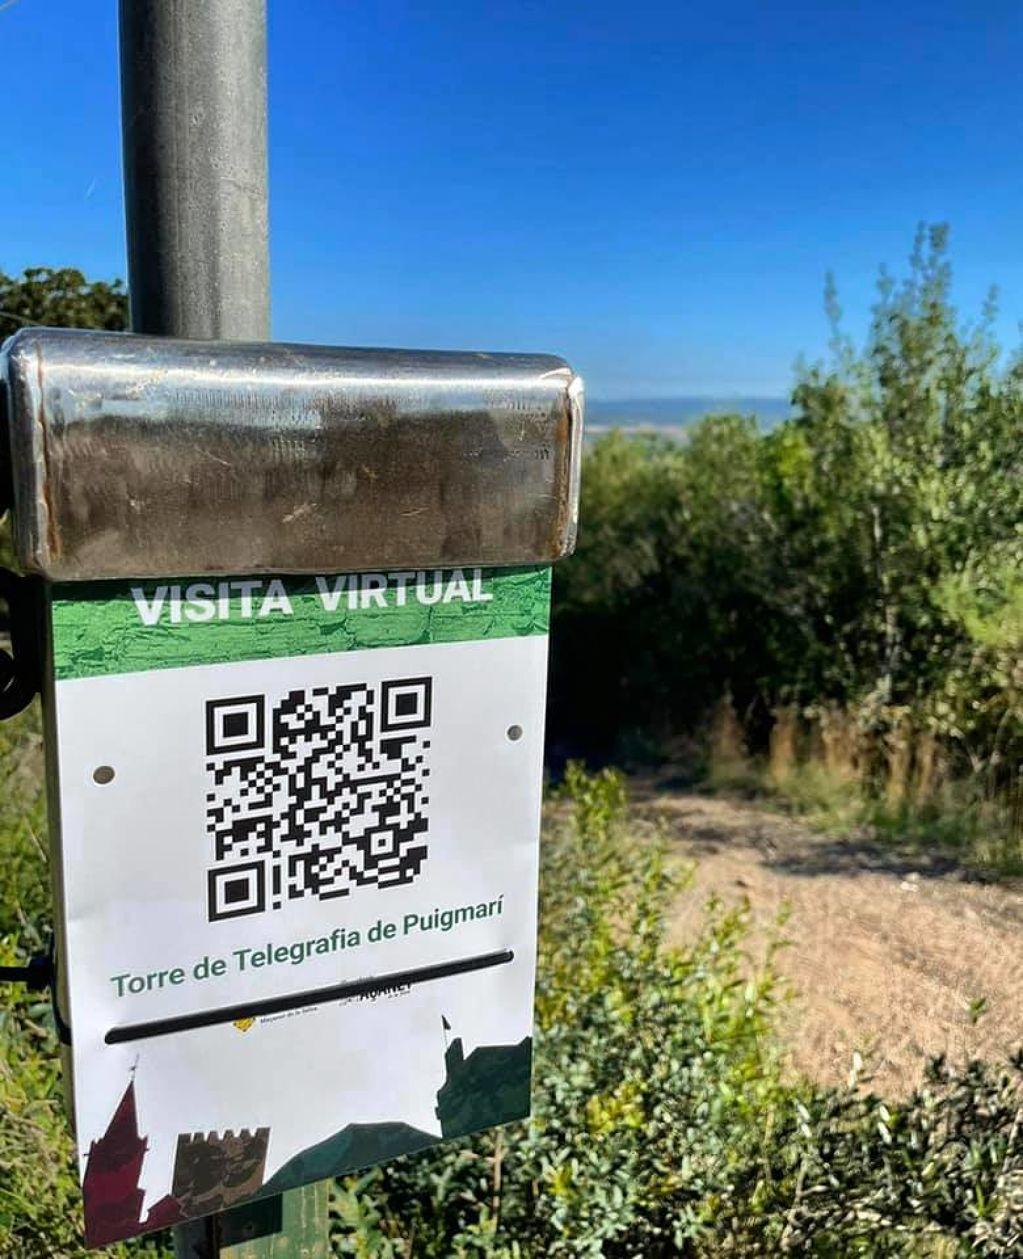 Visitables virtualment alguns espais històrics de Maçanet de la Selva - 3e243-244669383_395497348795231_1700954988715130685_n.jpg